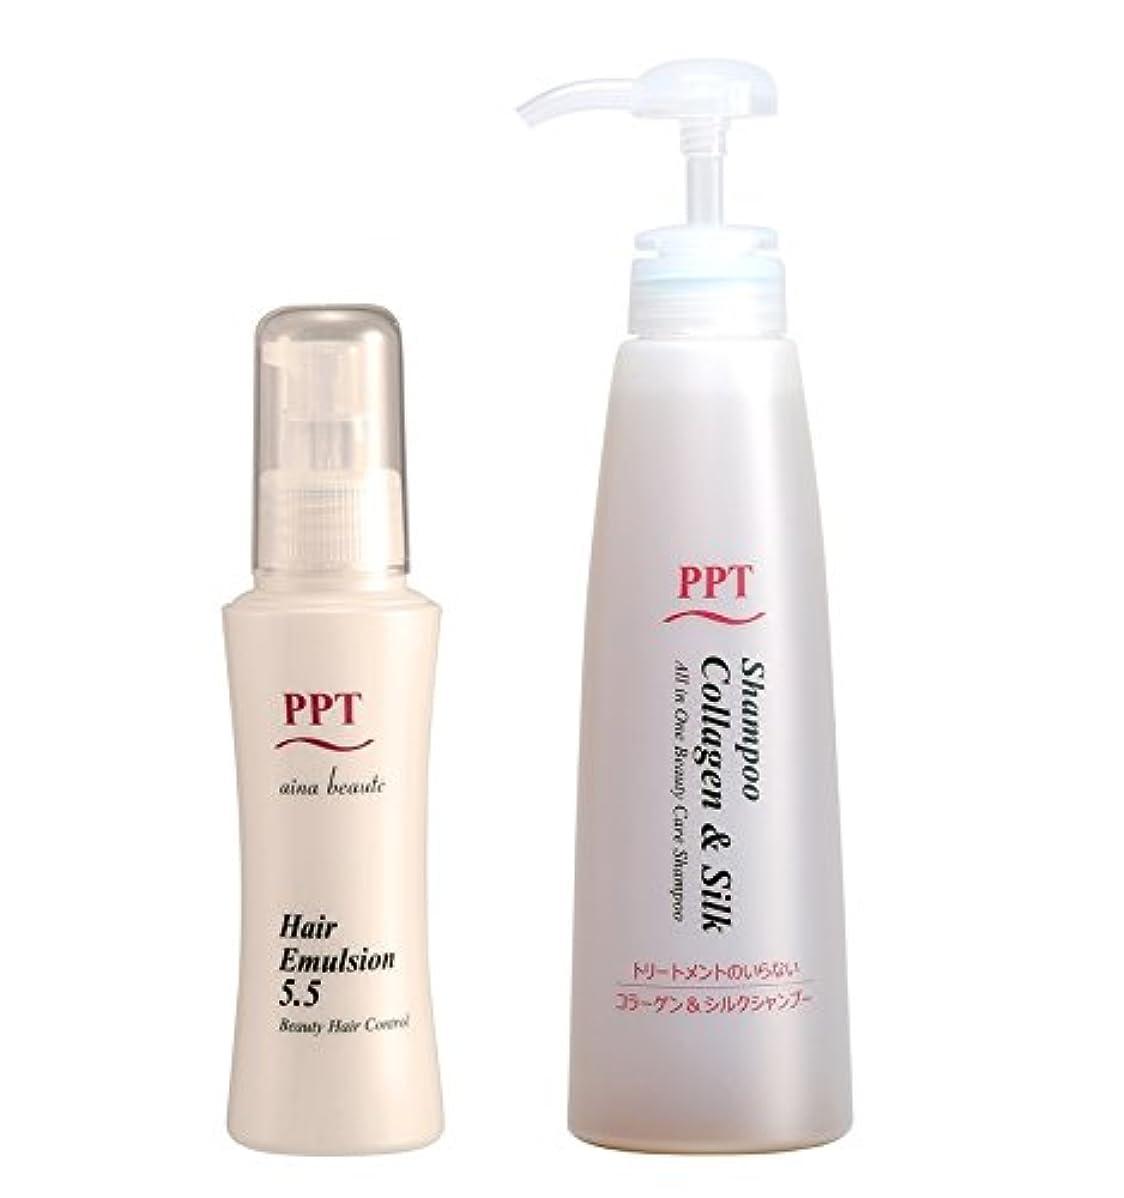 トリートメント不要 PPTコラーゲン&シルクシャンプー乾燥肌~普通肌用(しっとり),PPTヘアエマルジョン5.5セット